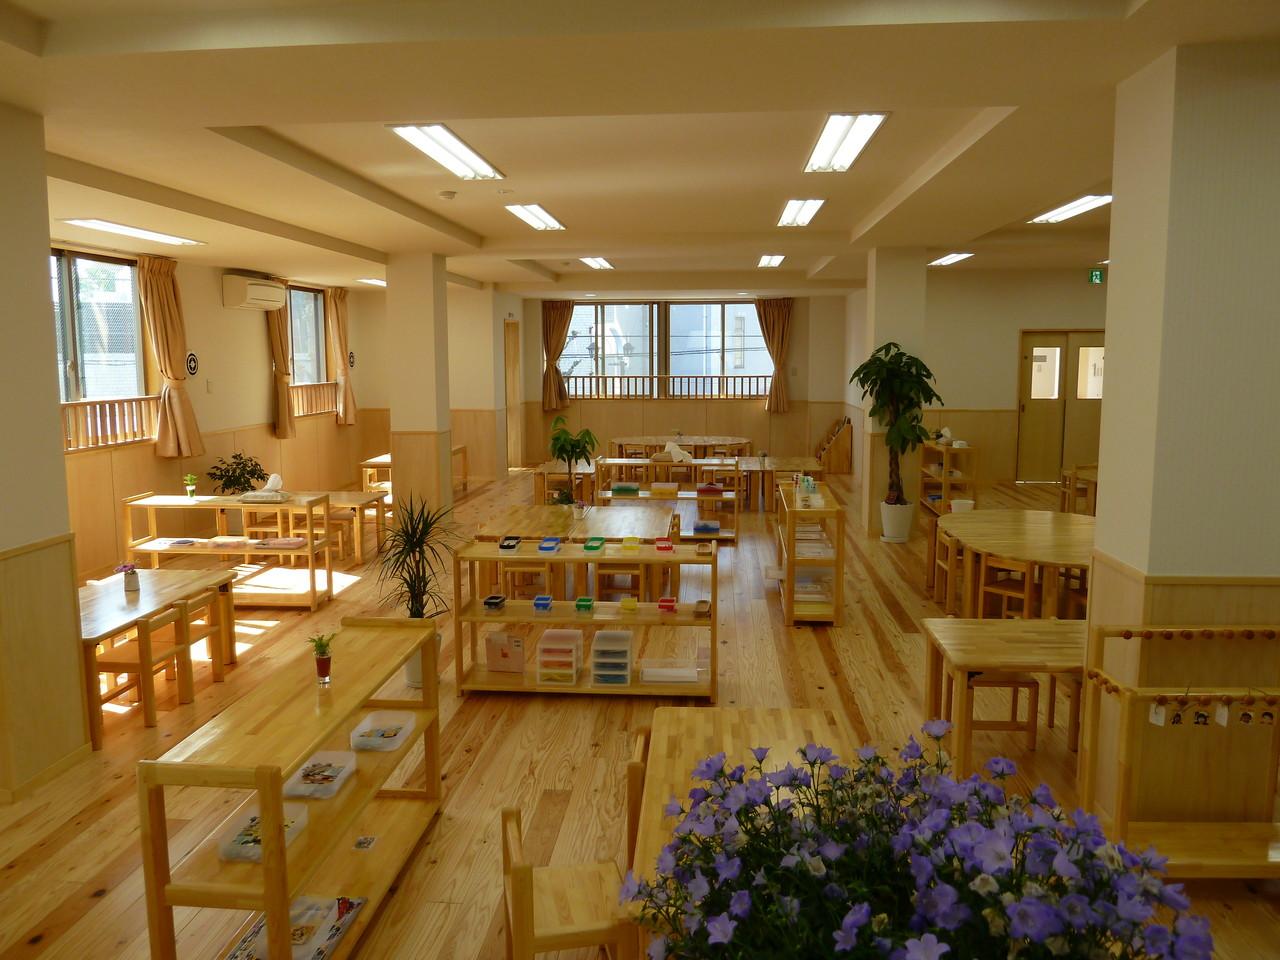 2階は幼児の保育室。異年齢で、たくさんのお手本を見て、学んで、獲得しています。